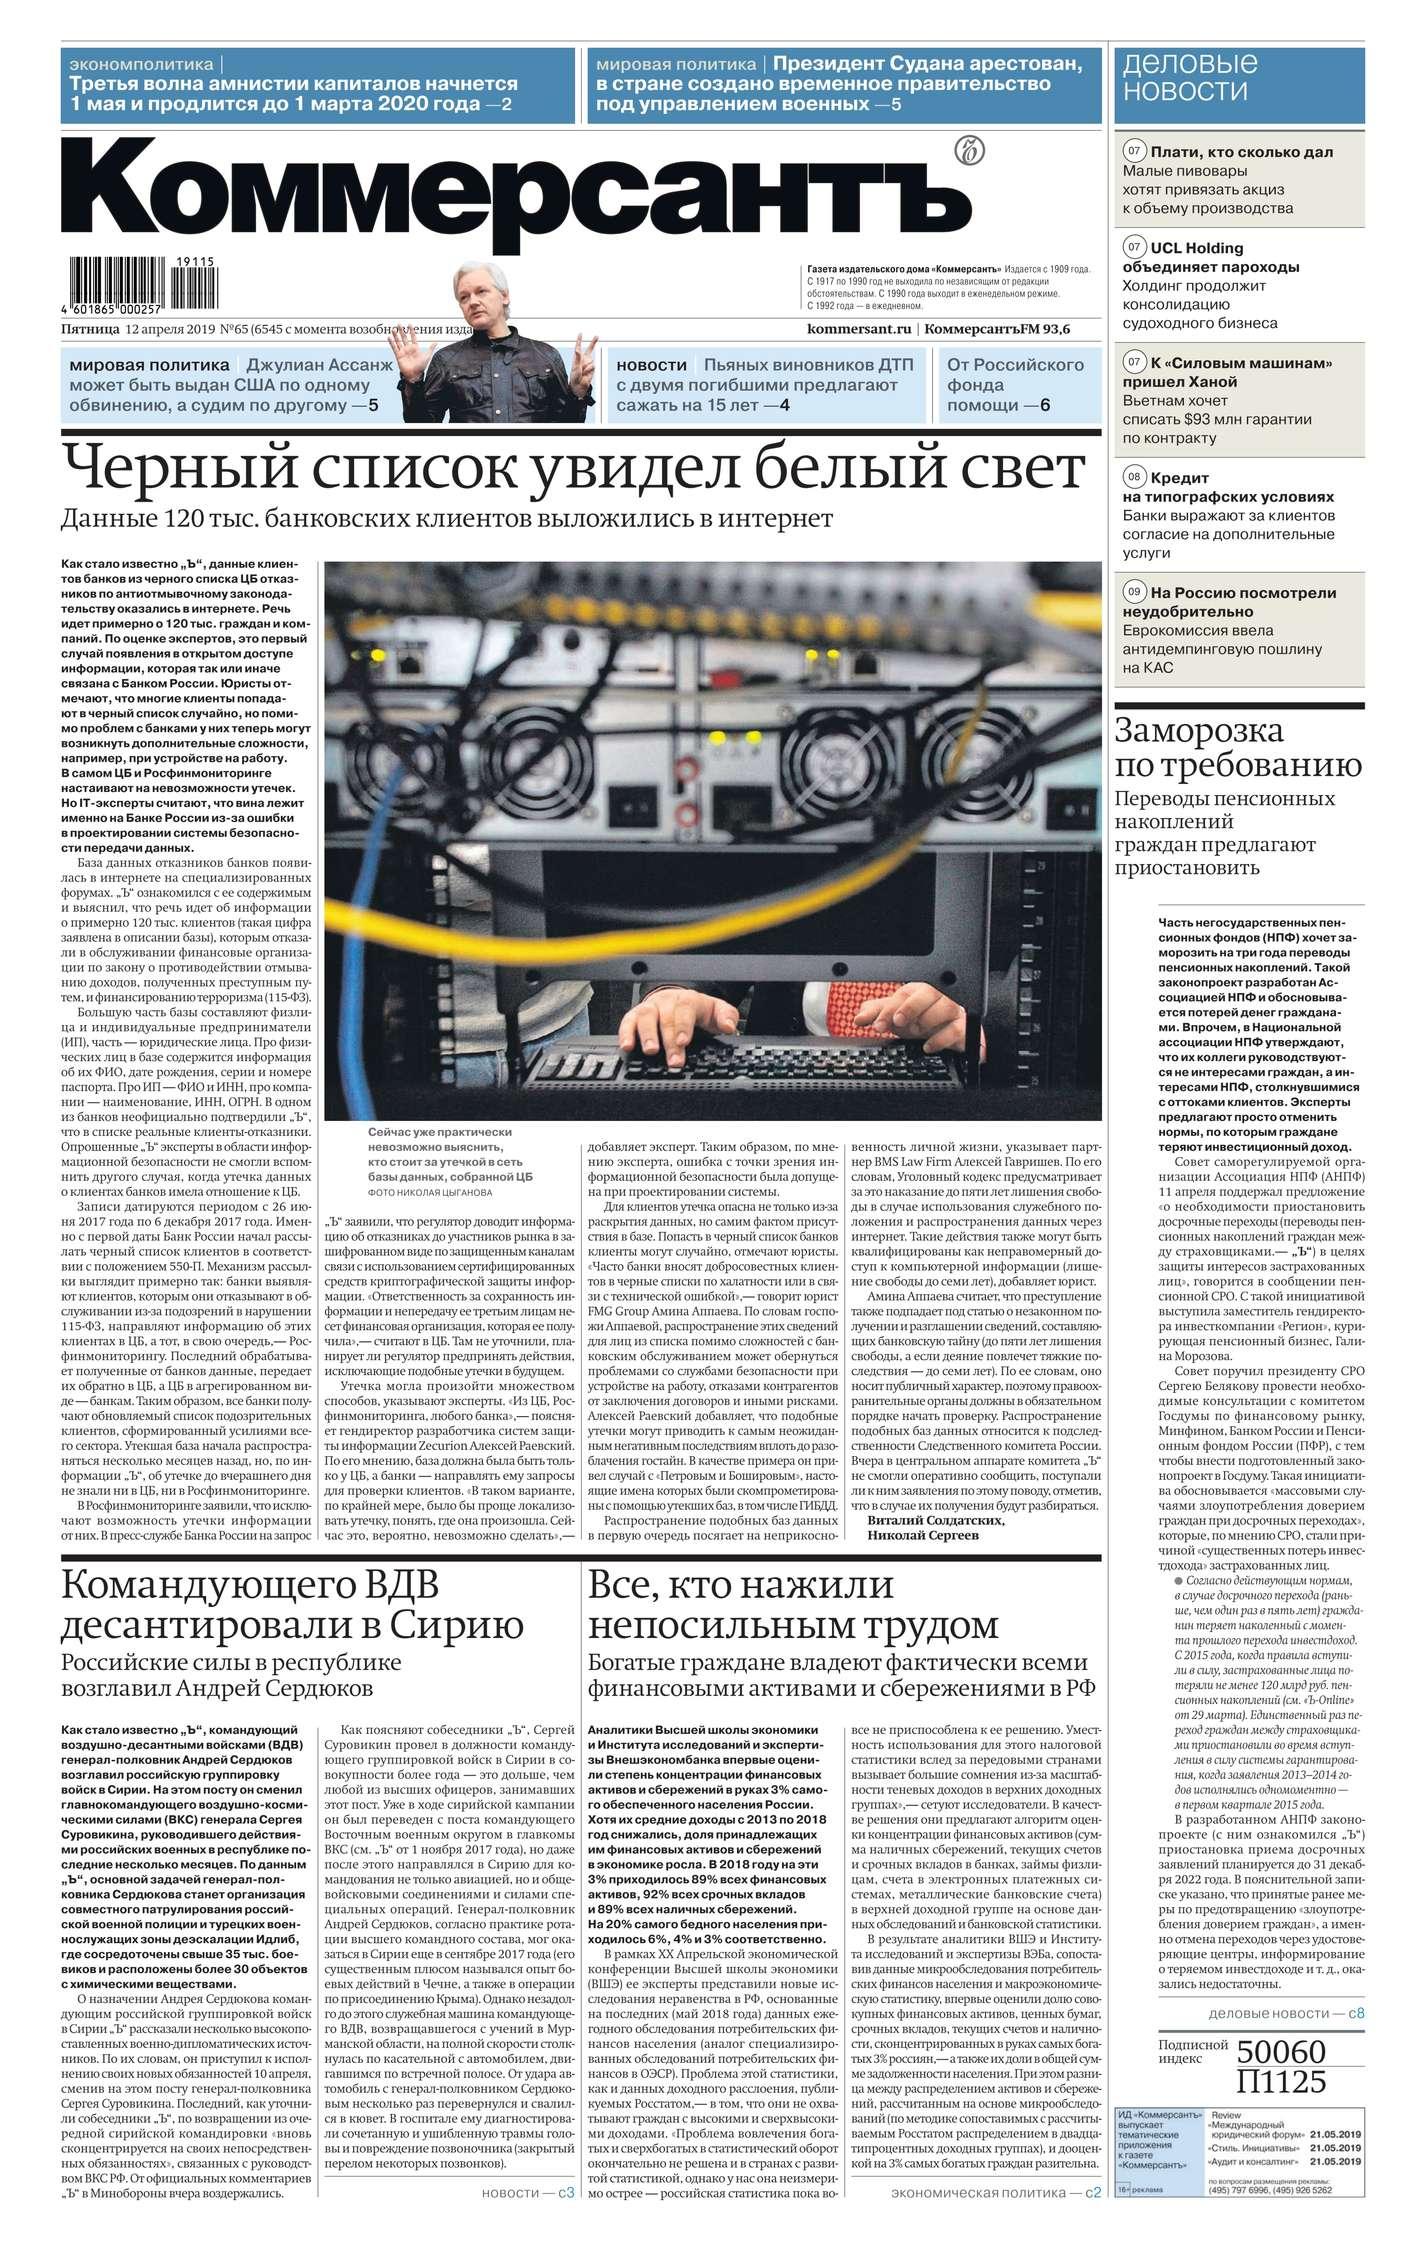 Редакция газеты Коммерсантъ (понедельник-пятница) Коммерсантъ (понедельник-пятница) 65-2019 цена